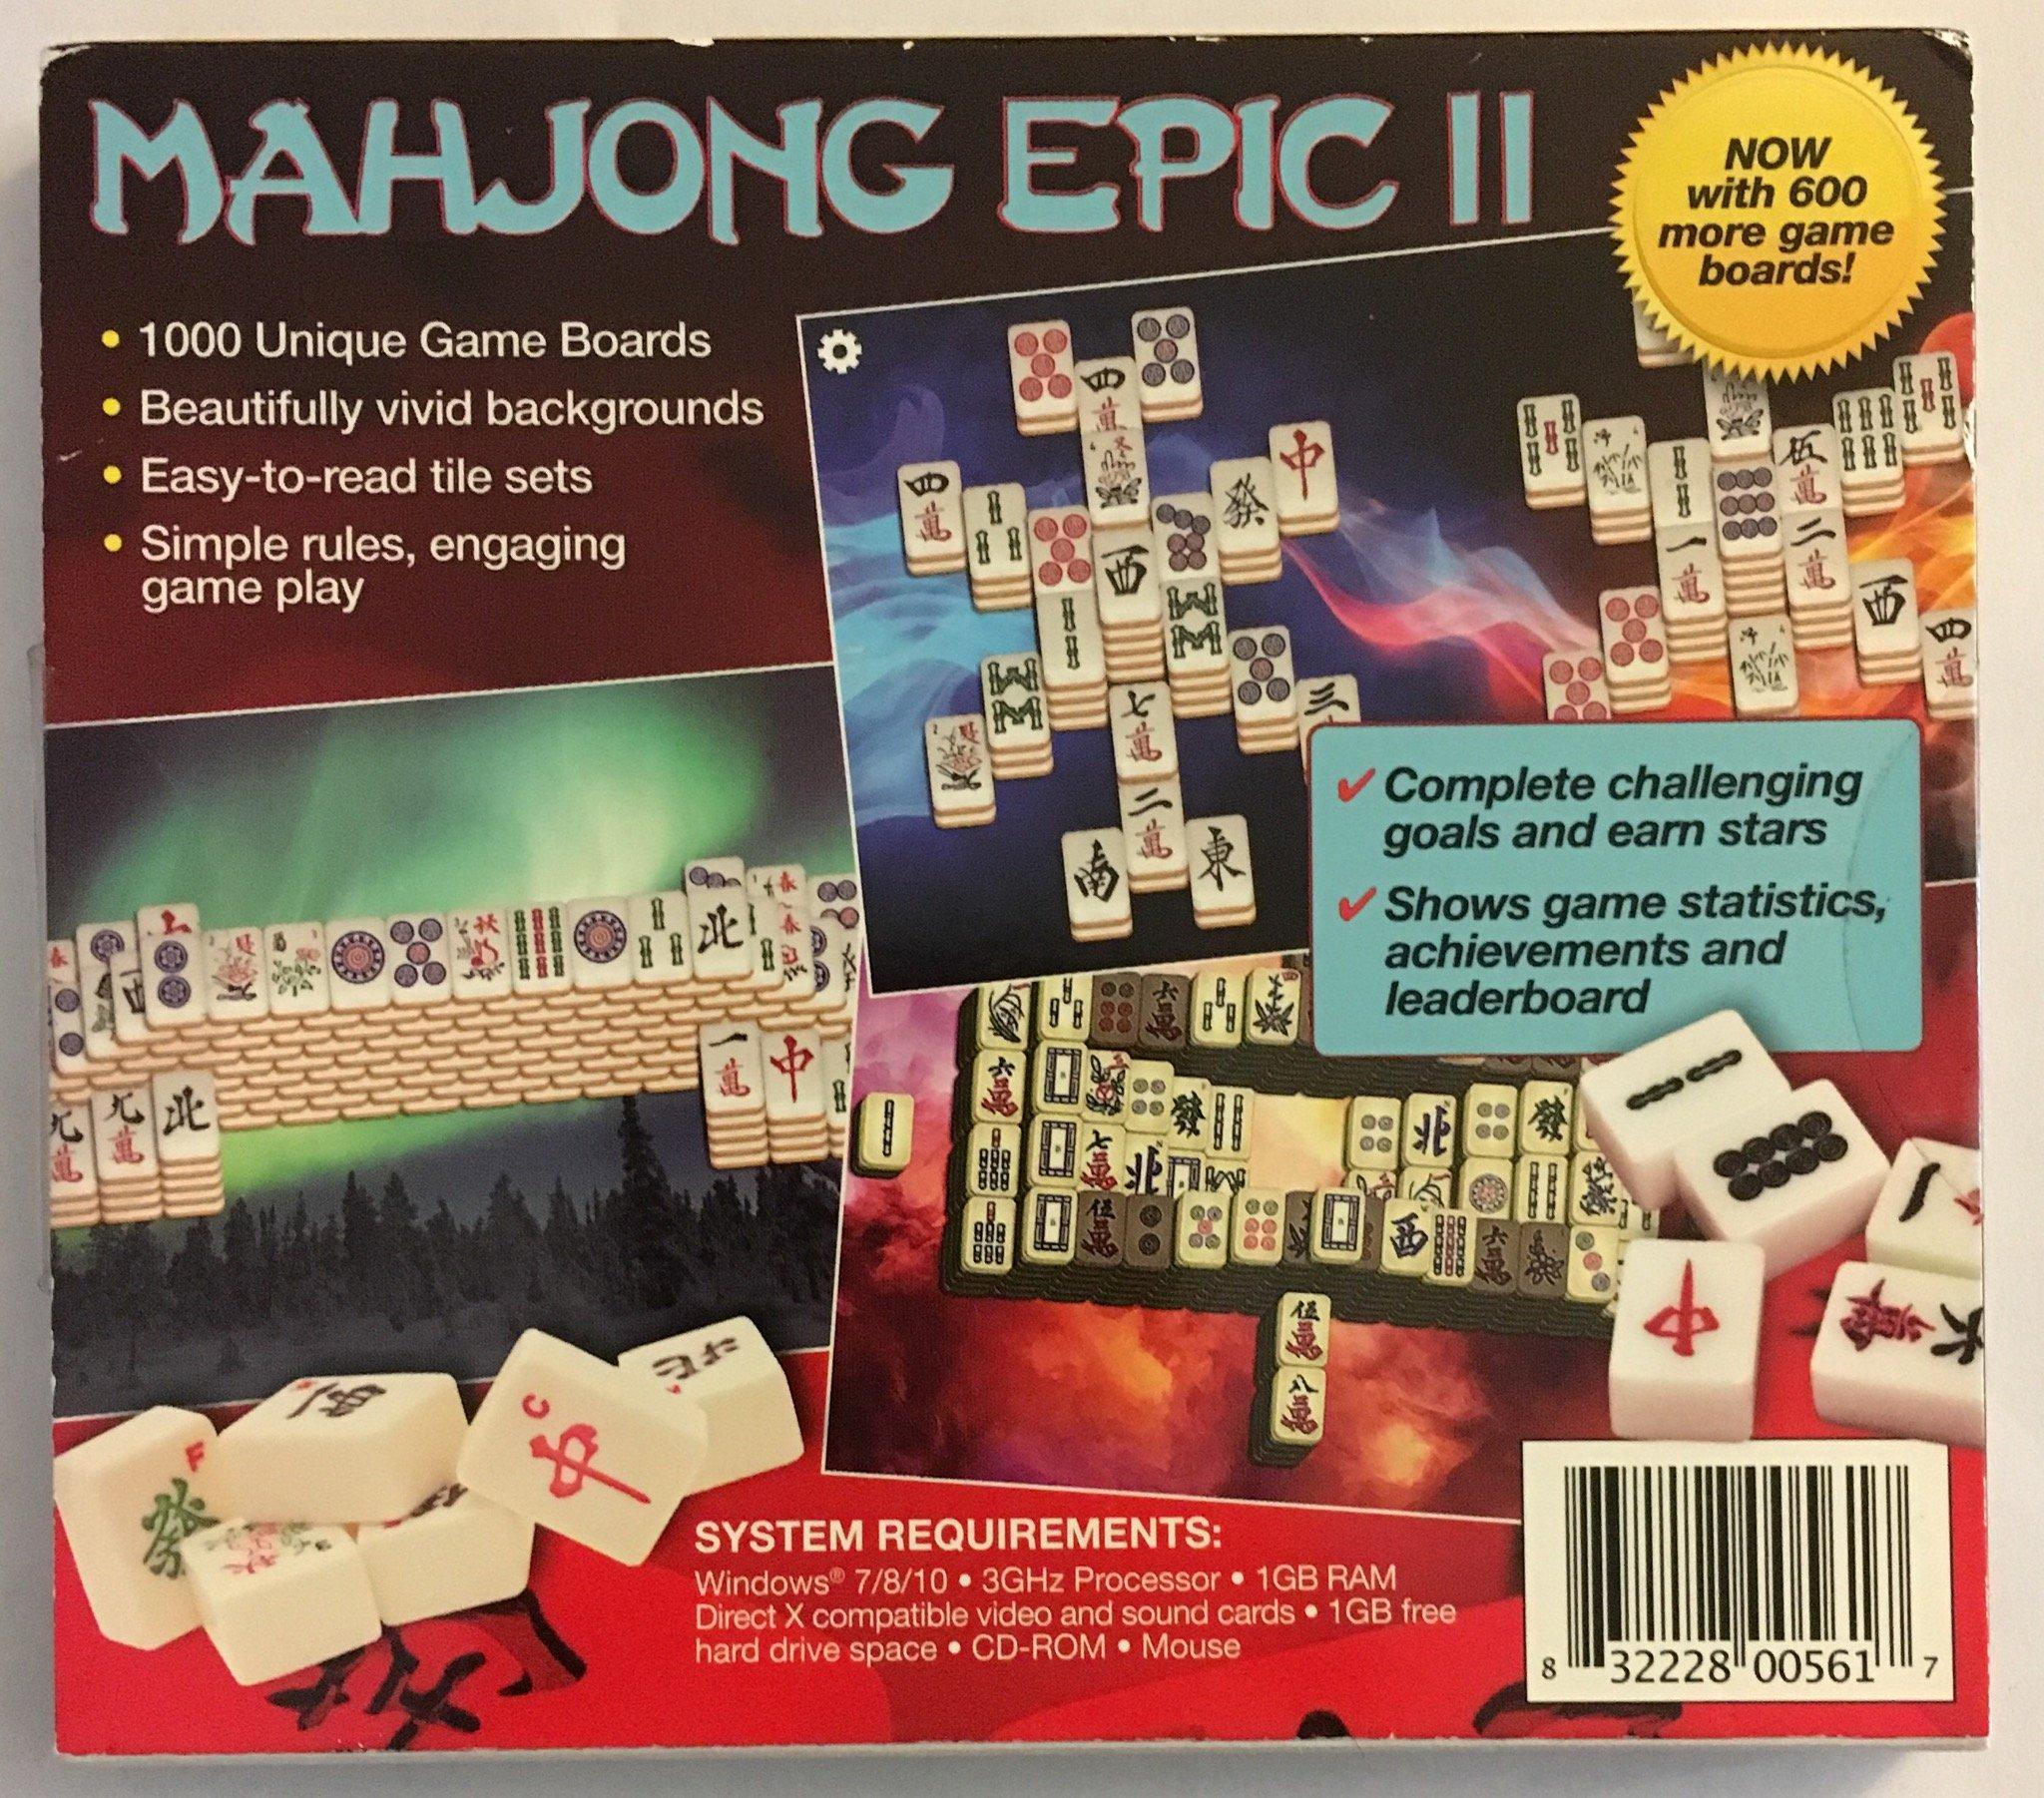 Mahjong Epic II PC